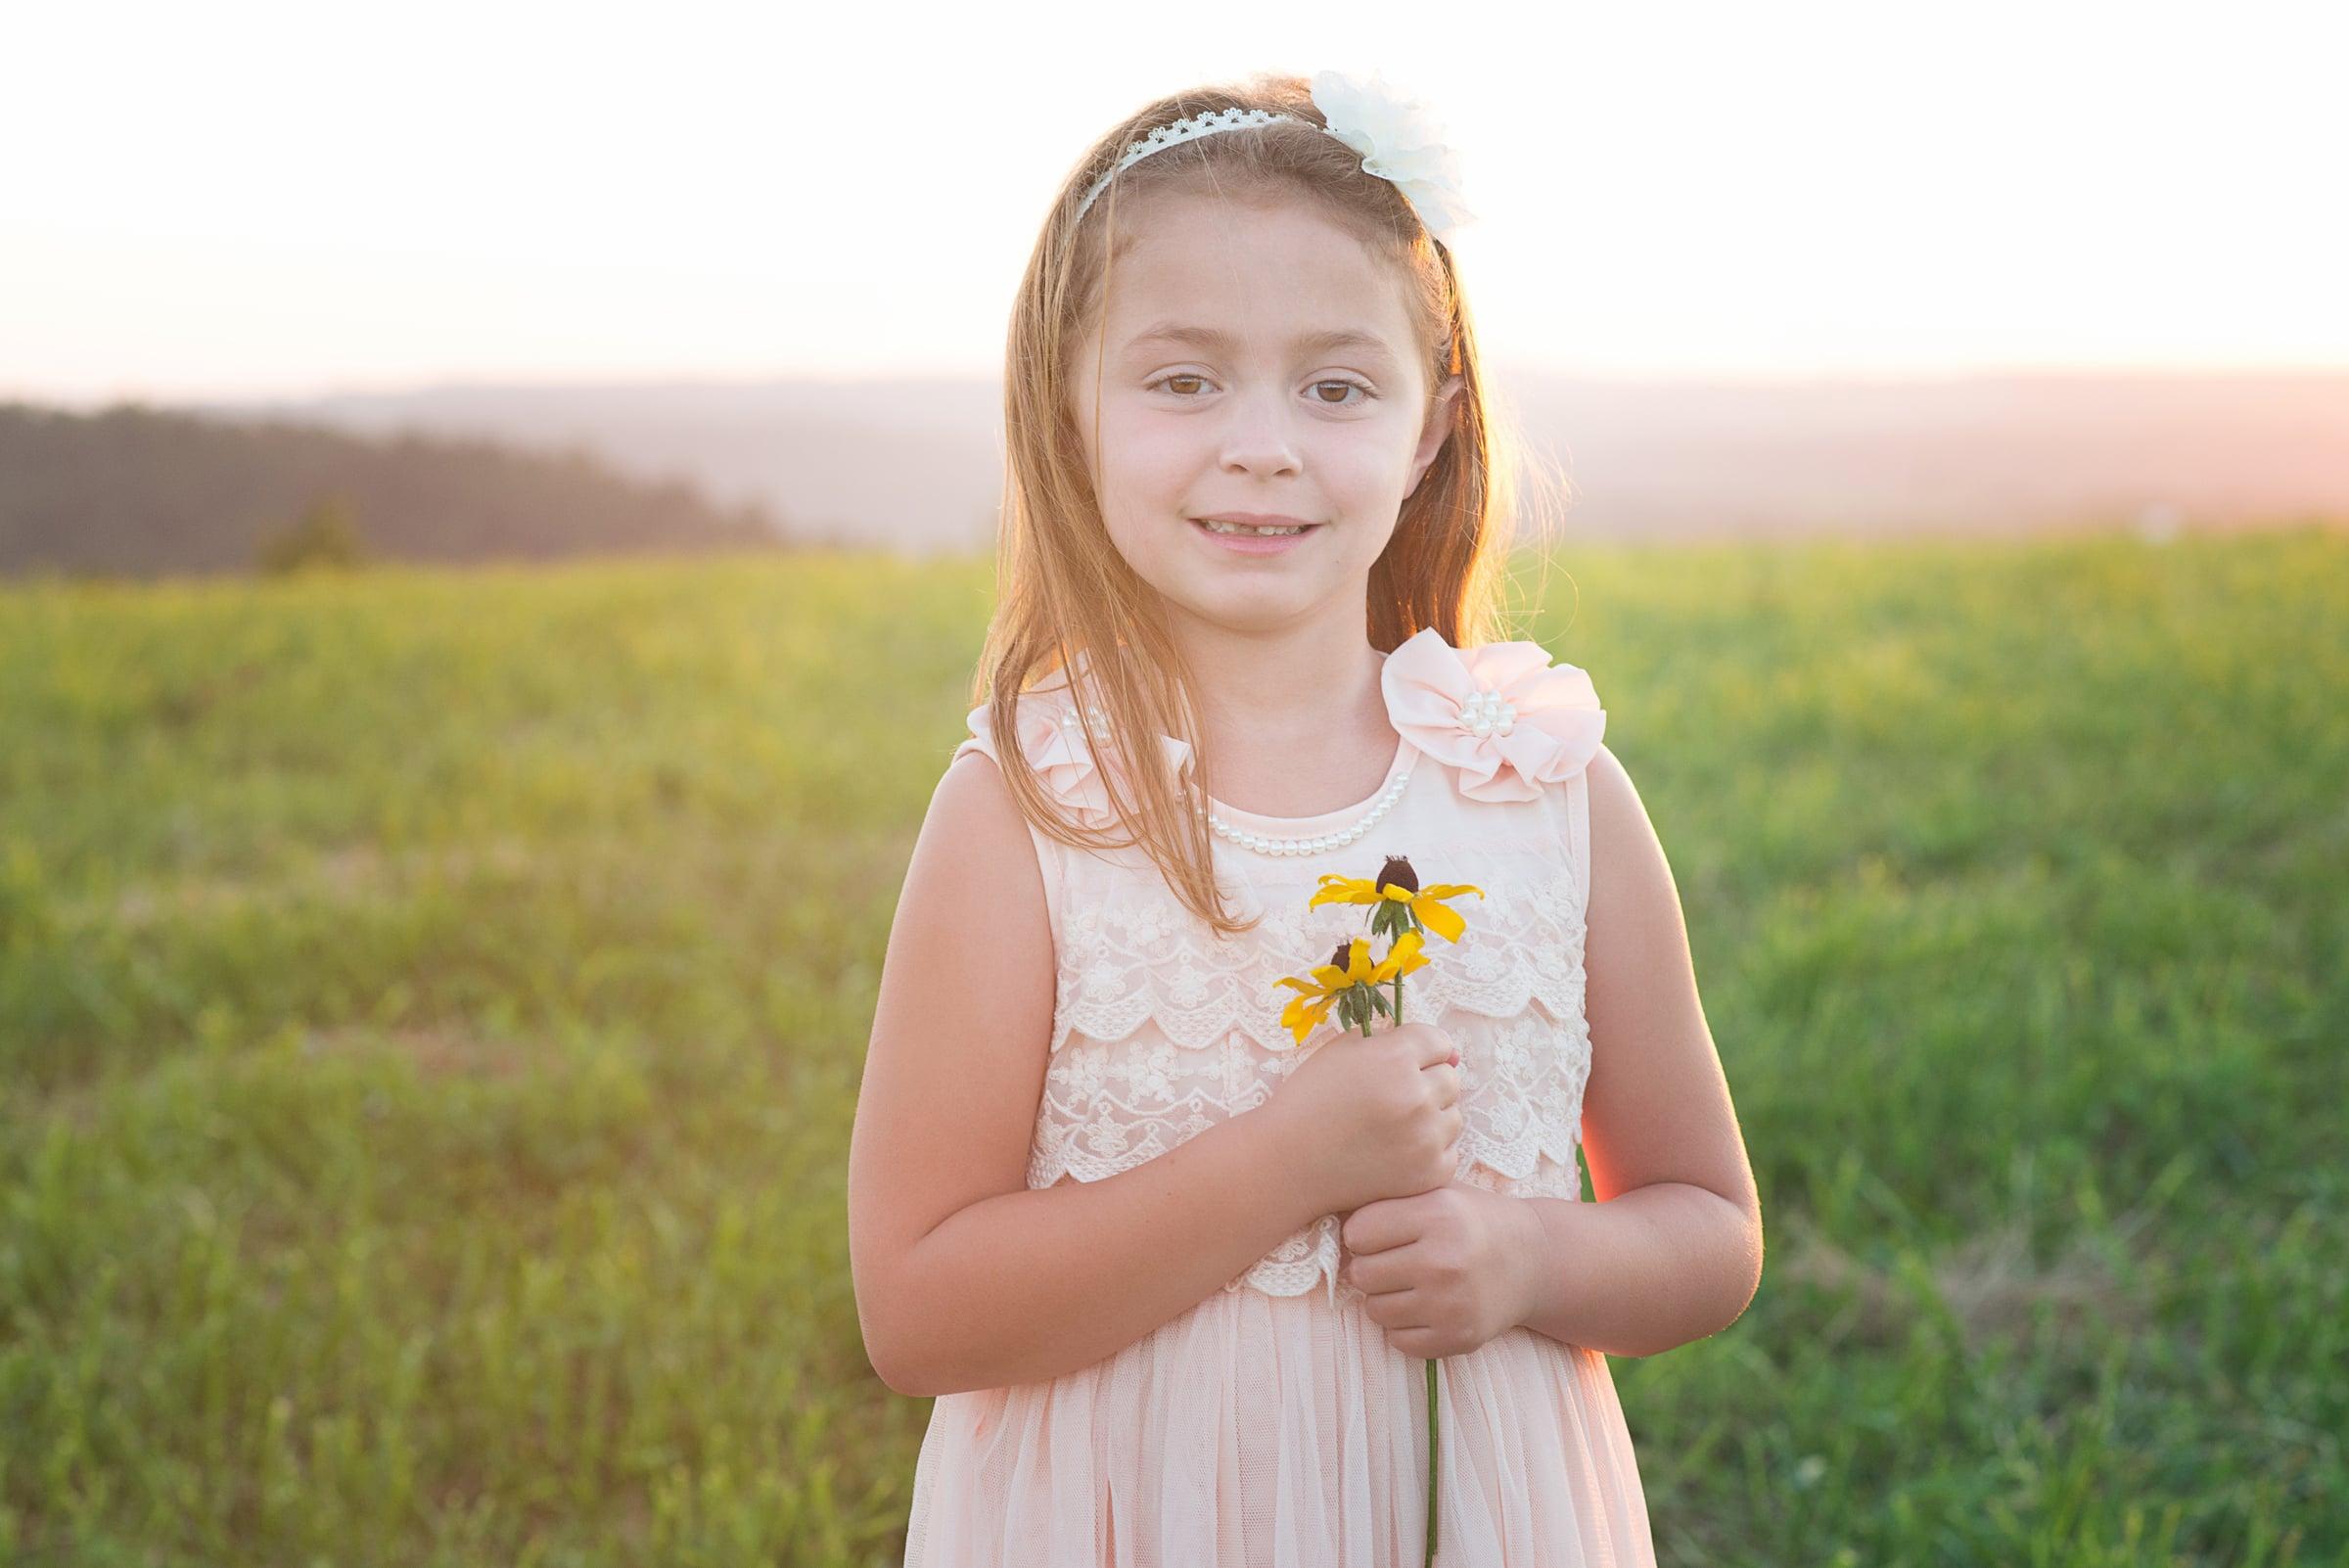 little girl holds a flower at sunset